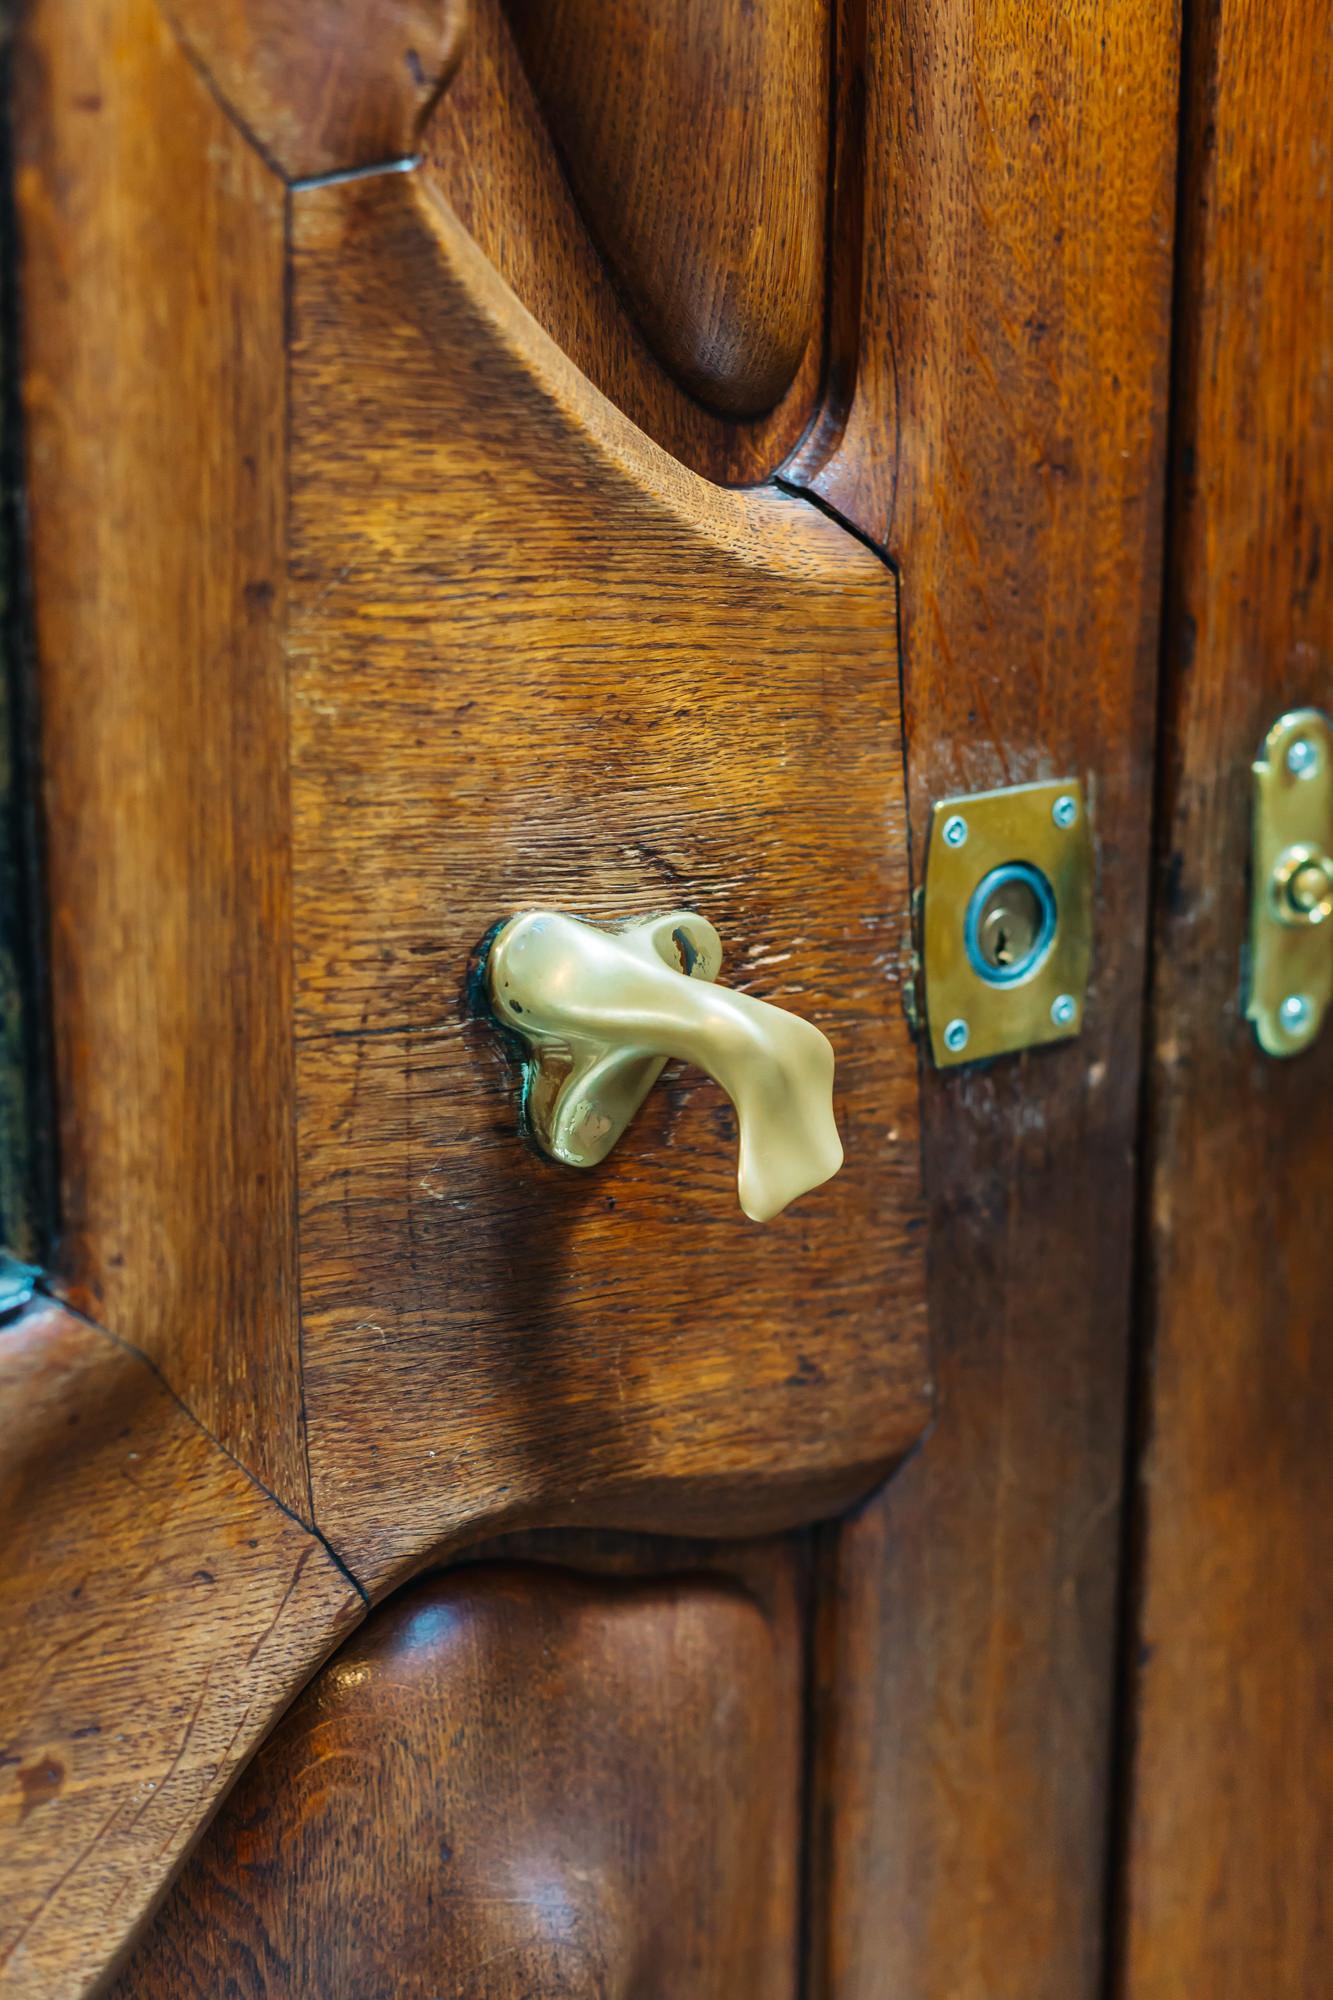 Even the doorknobs had an original shape